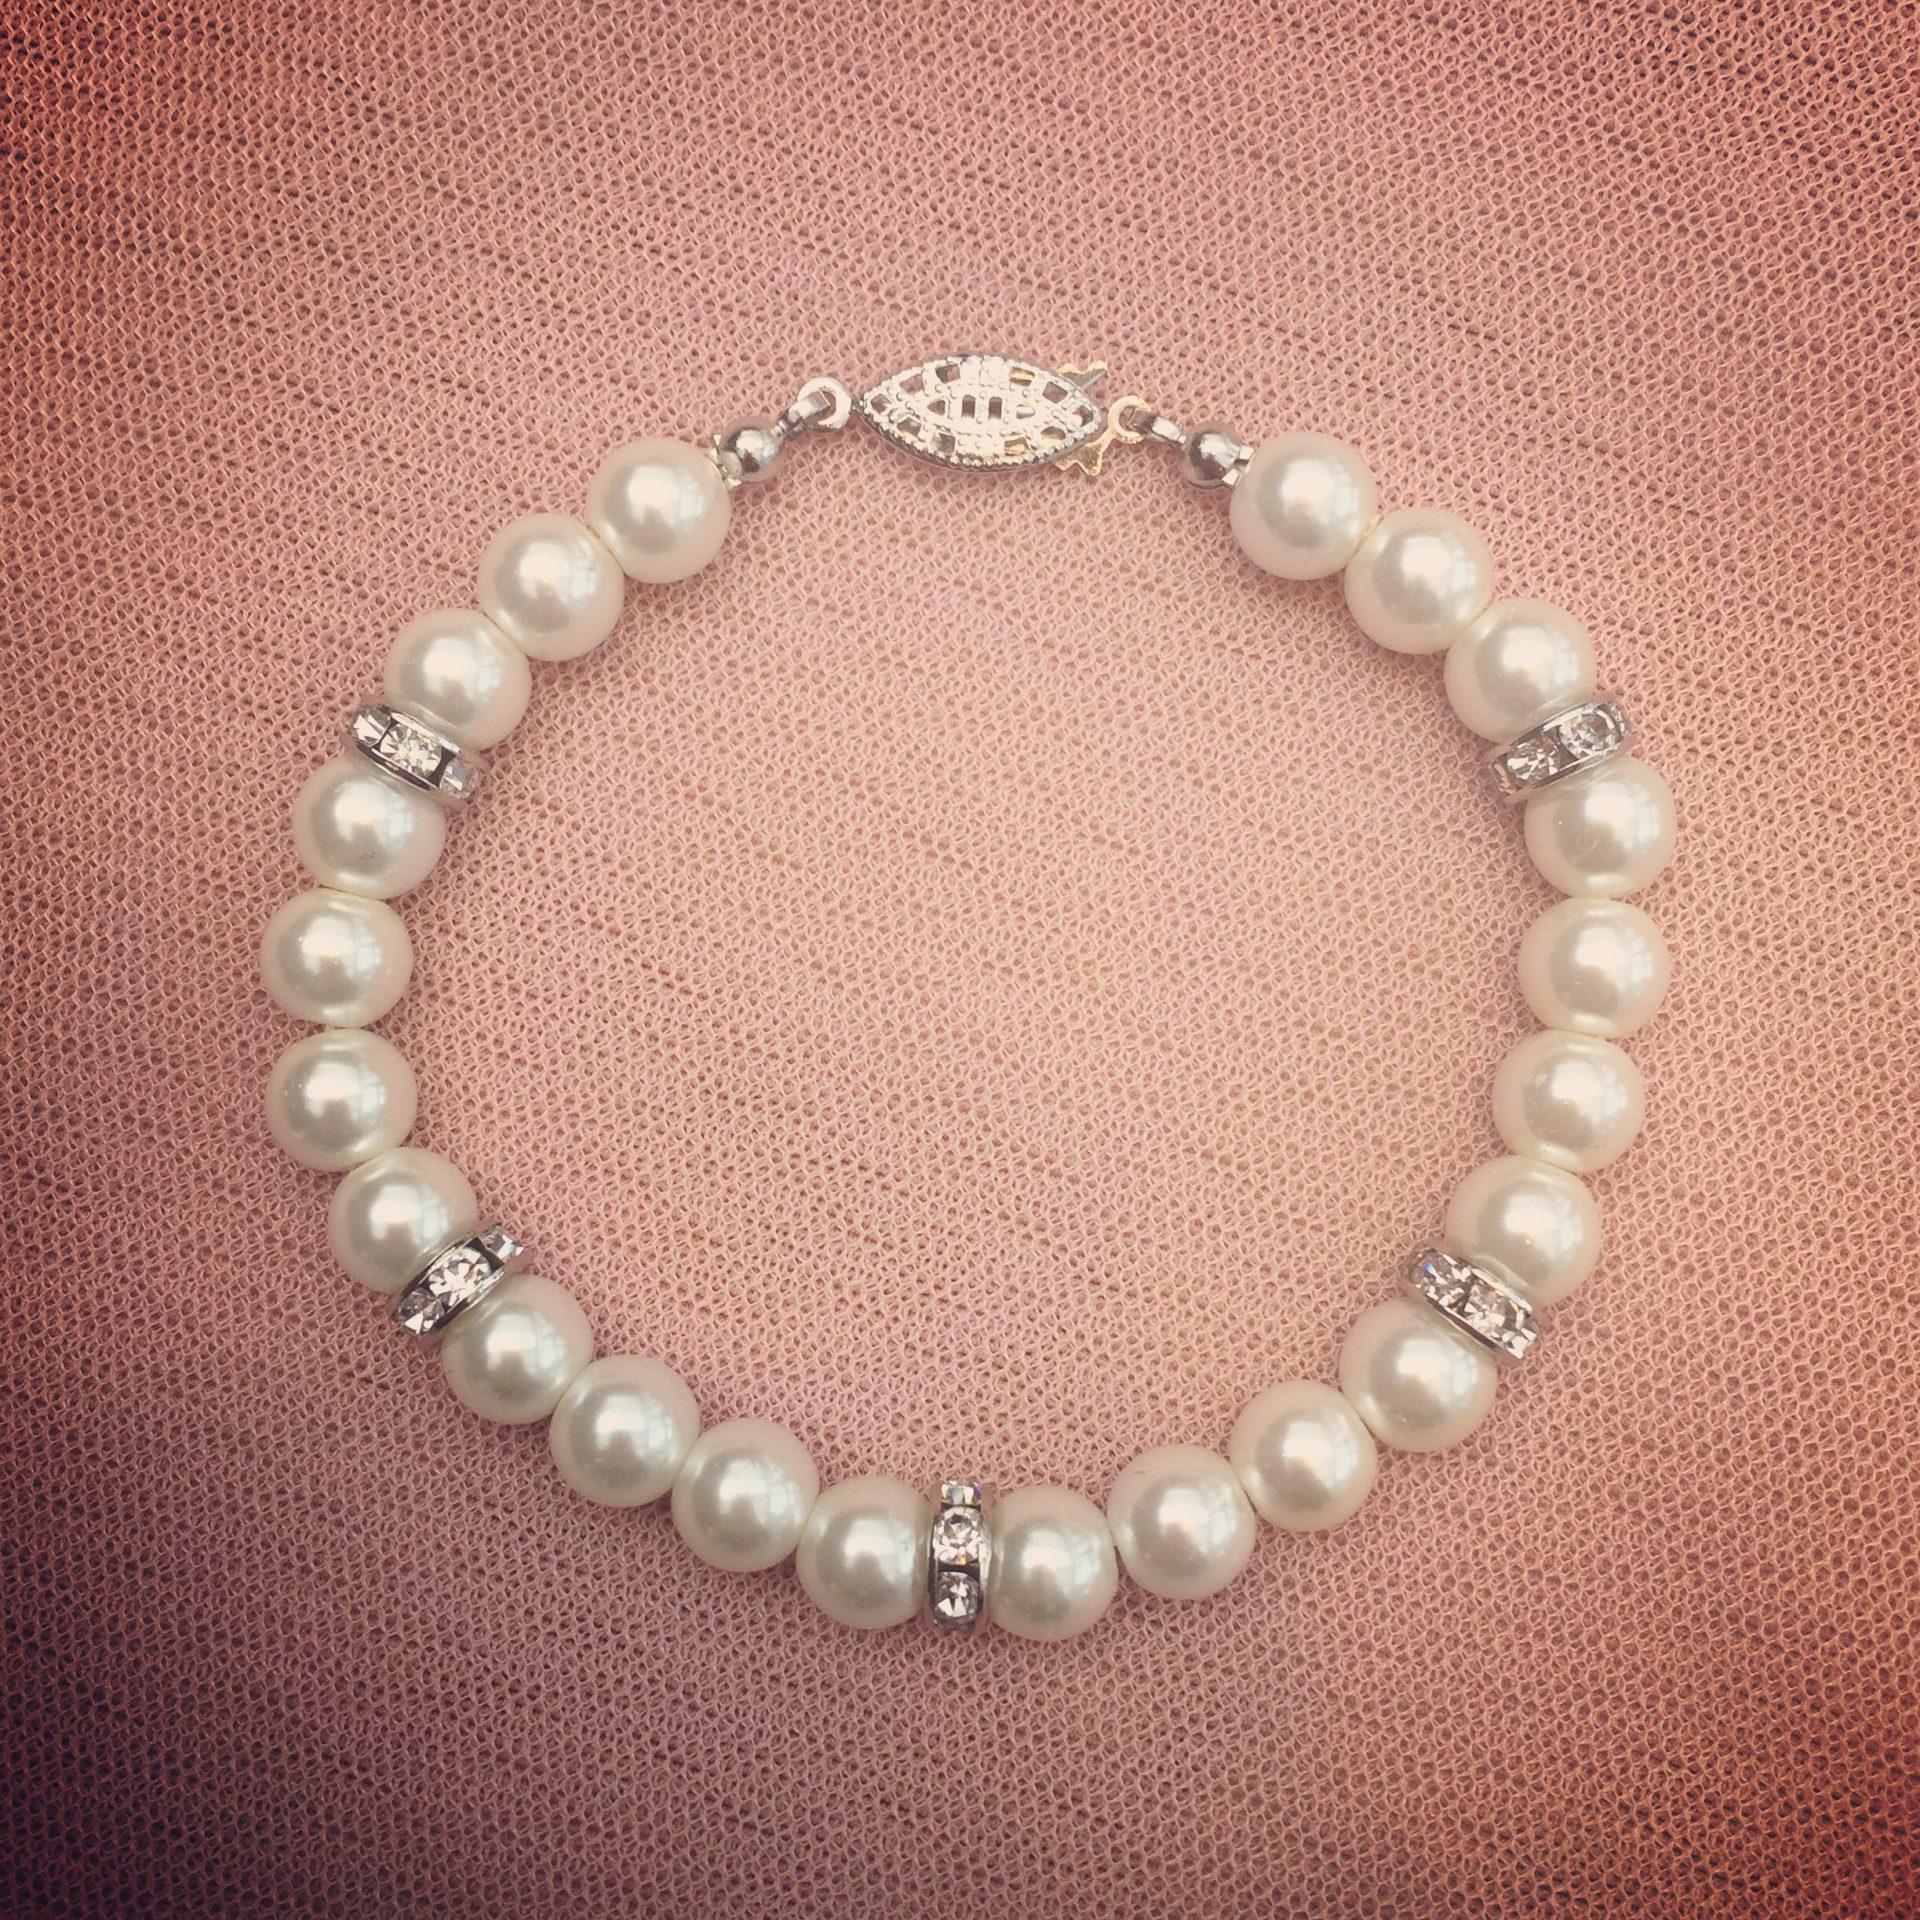 6. Glory – Bracelet